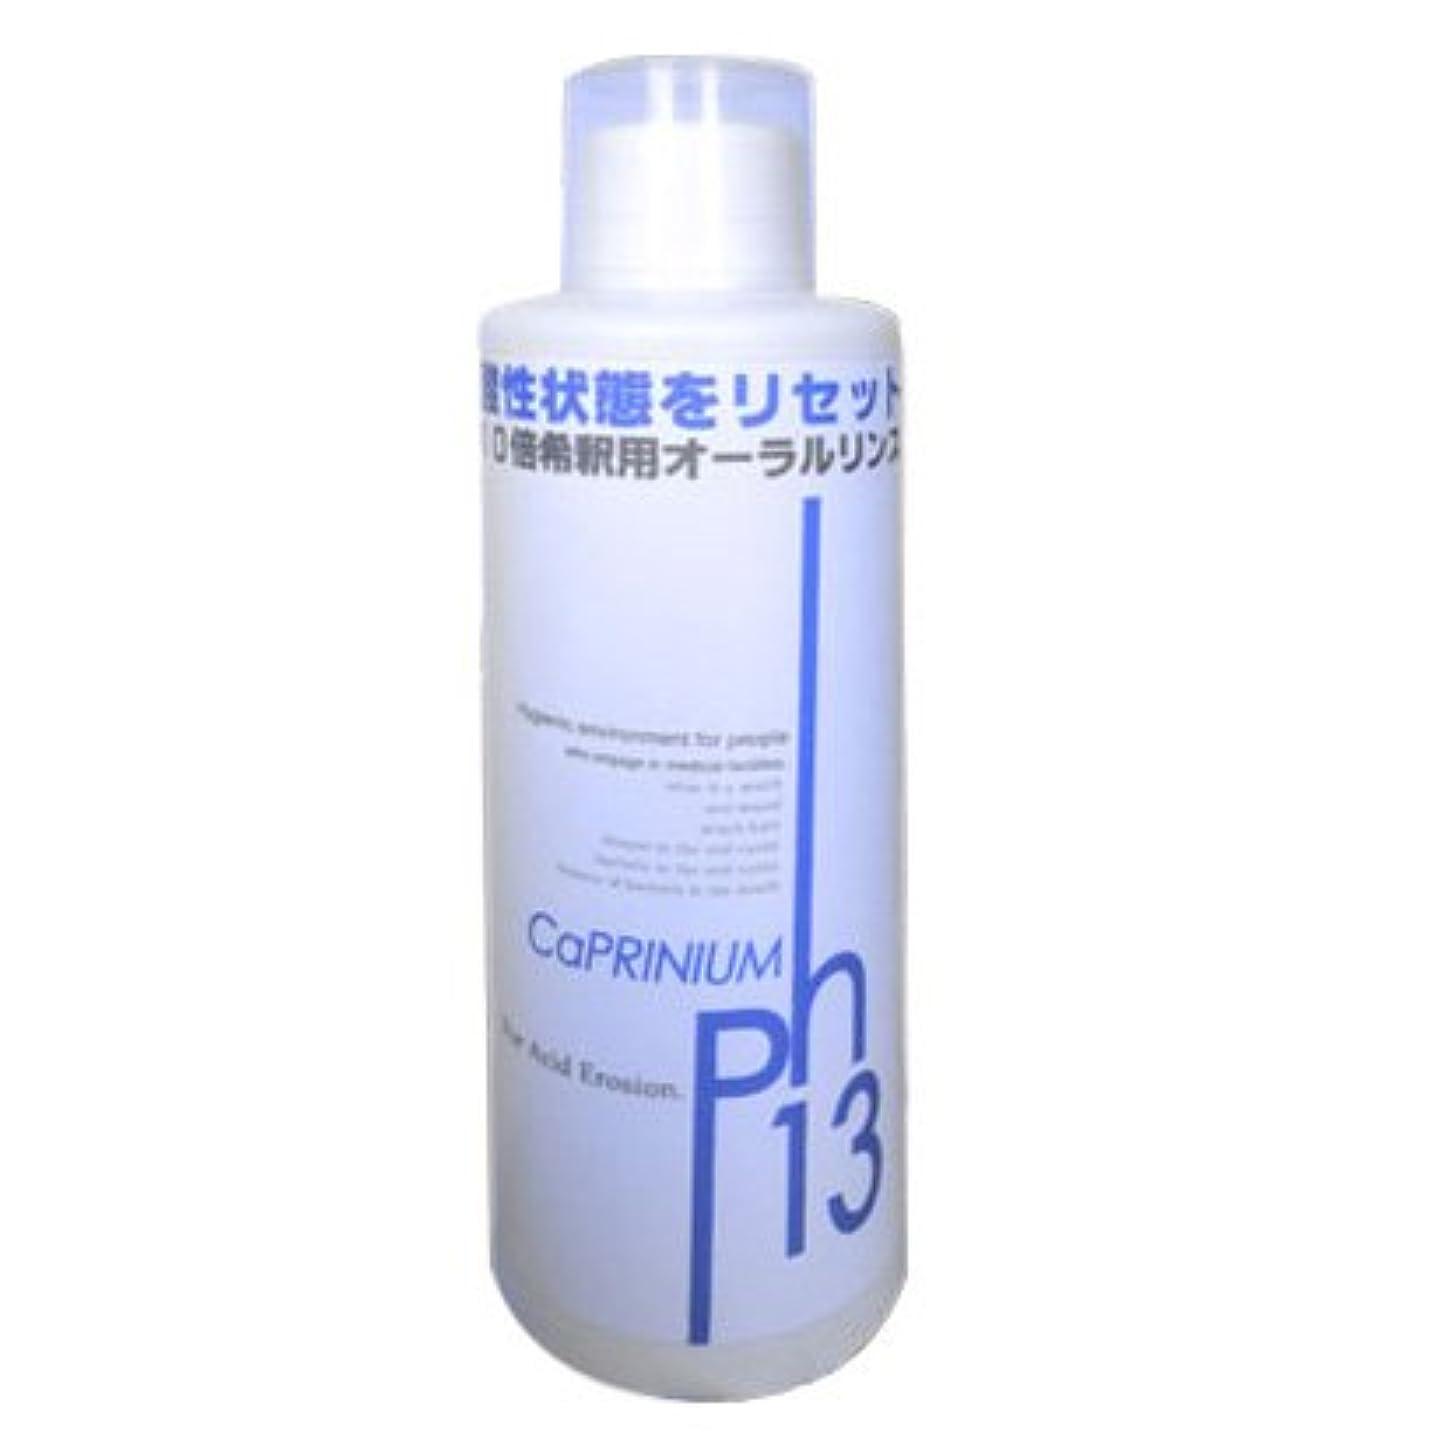 統合細断含むカプリニウム サーティーンリンス(CaPRINIUM 13)